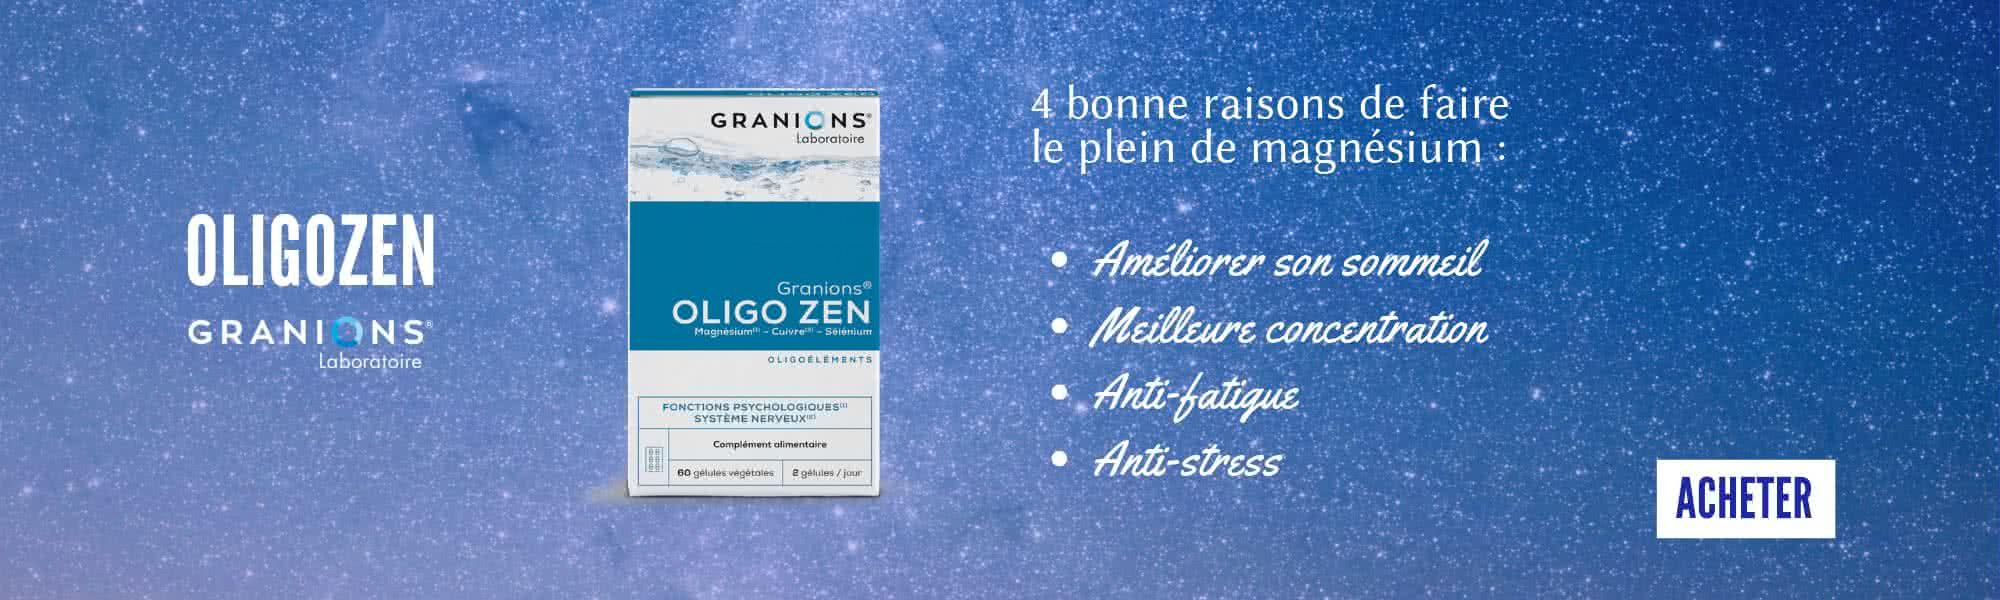 oligozen Granions pour faire le plein de magnésium pendant les révisions